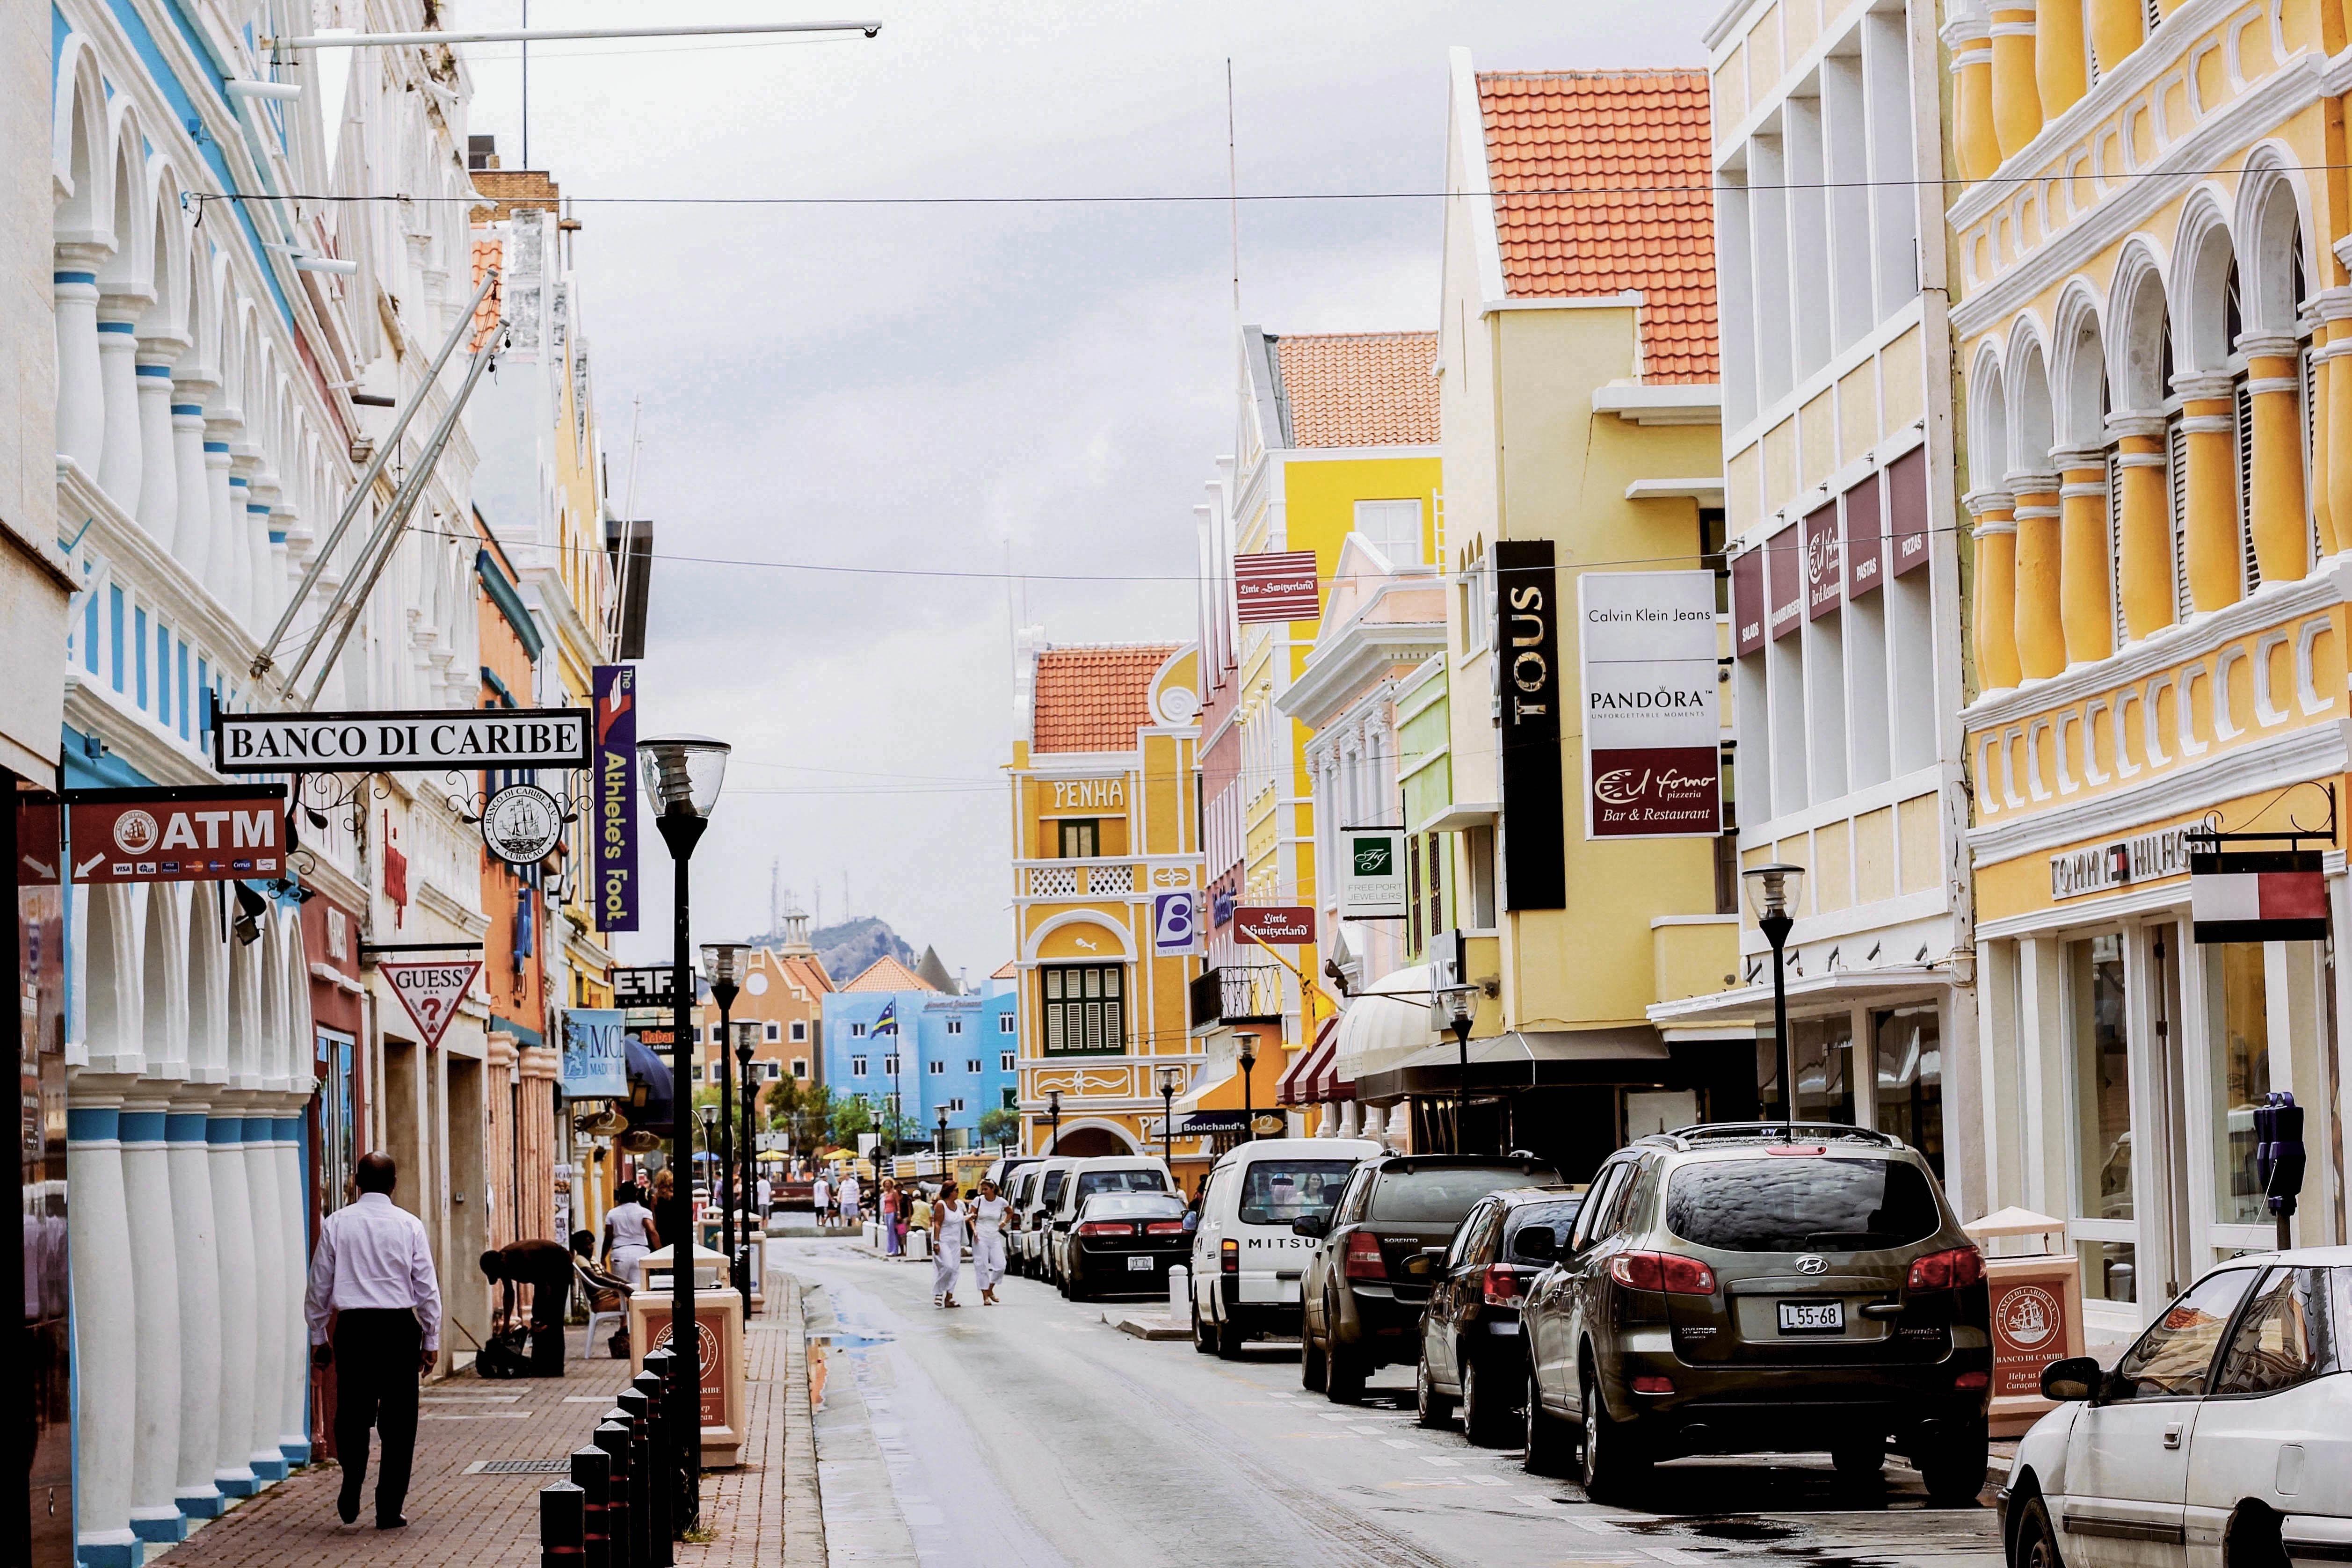 Viaje a Curazao accesible en silla de ruedas